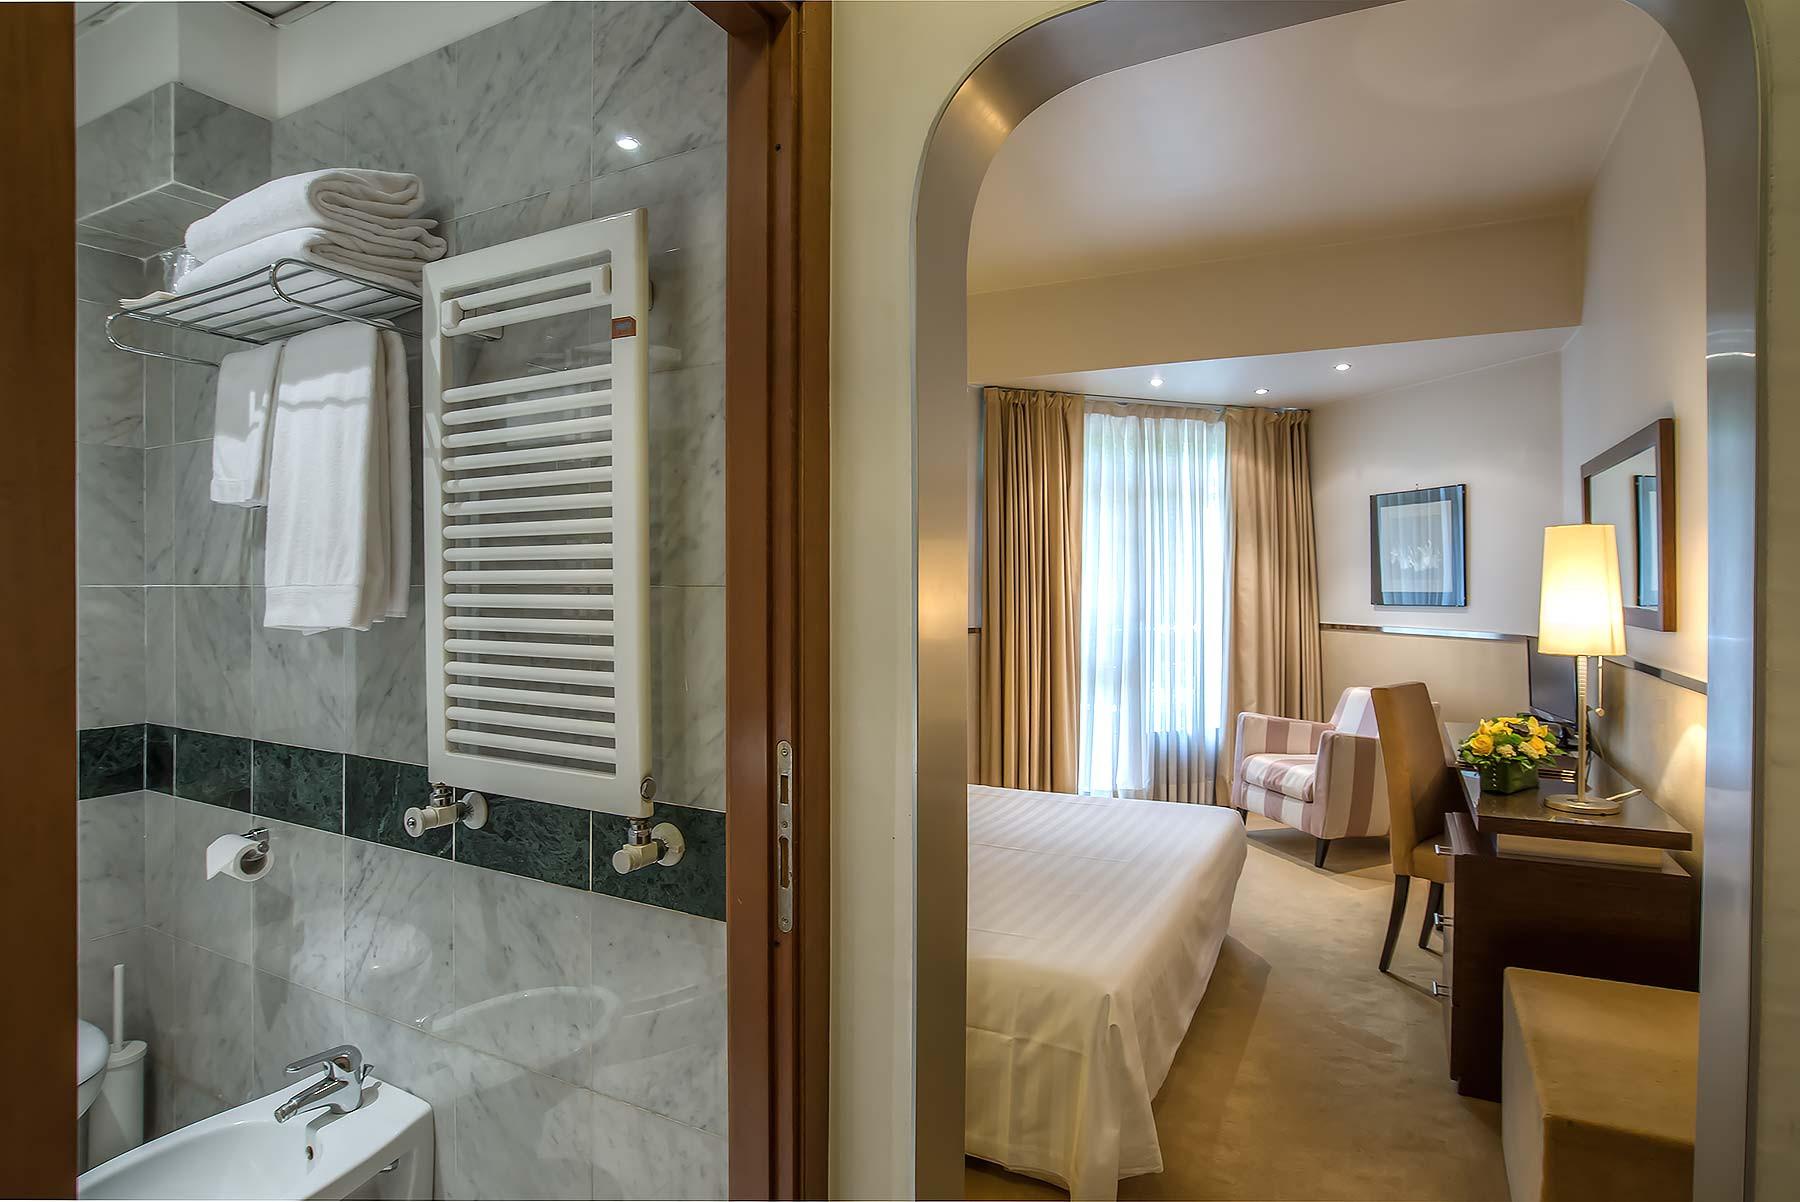 Le camere mini palace hotel viterbo sito ufficiale for Quattro stelle arredamenti surbo